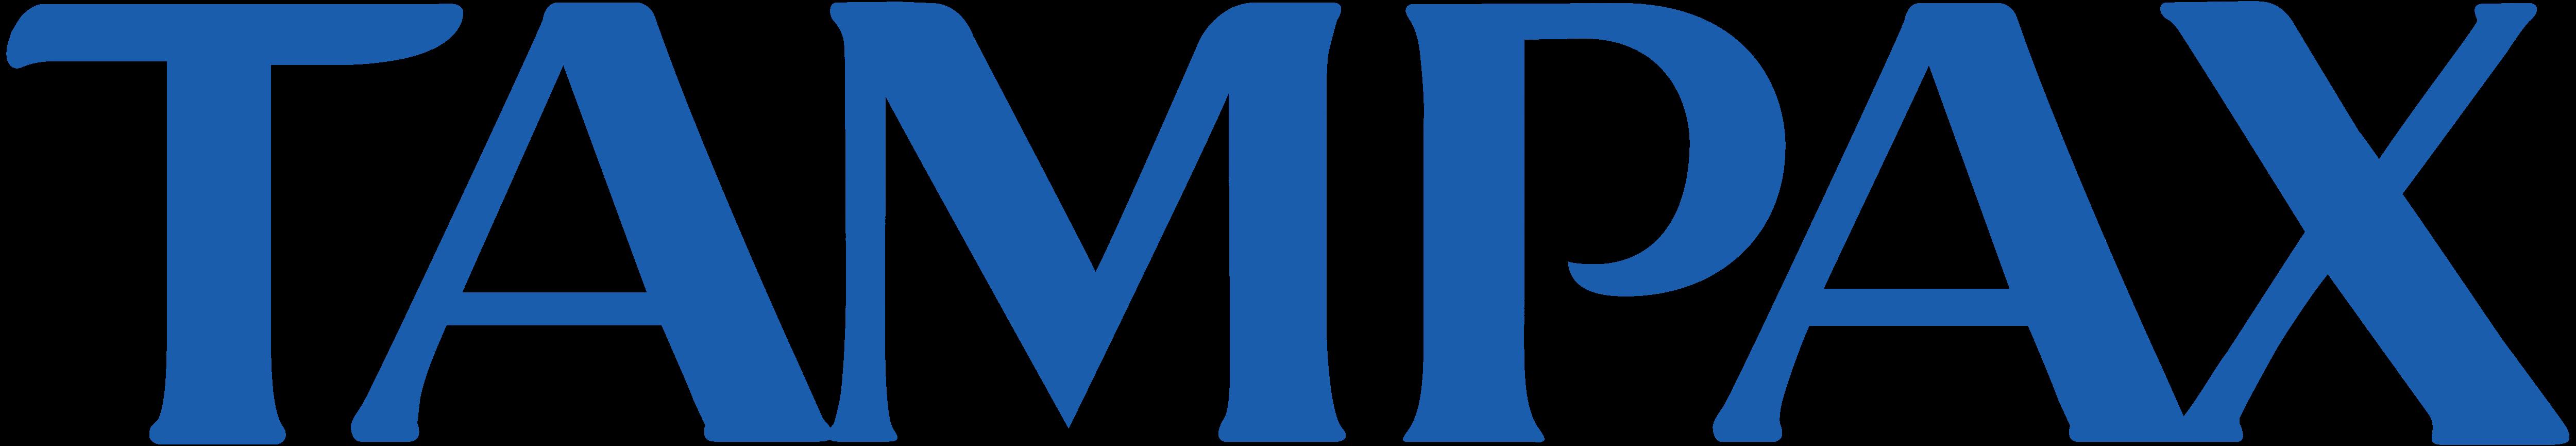 Tampax - Logos Download